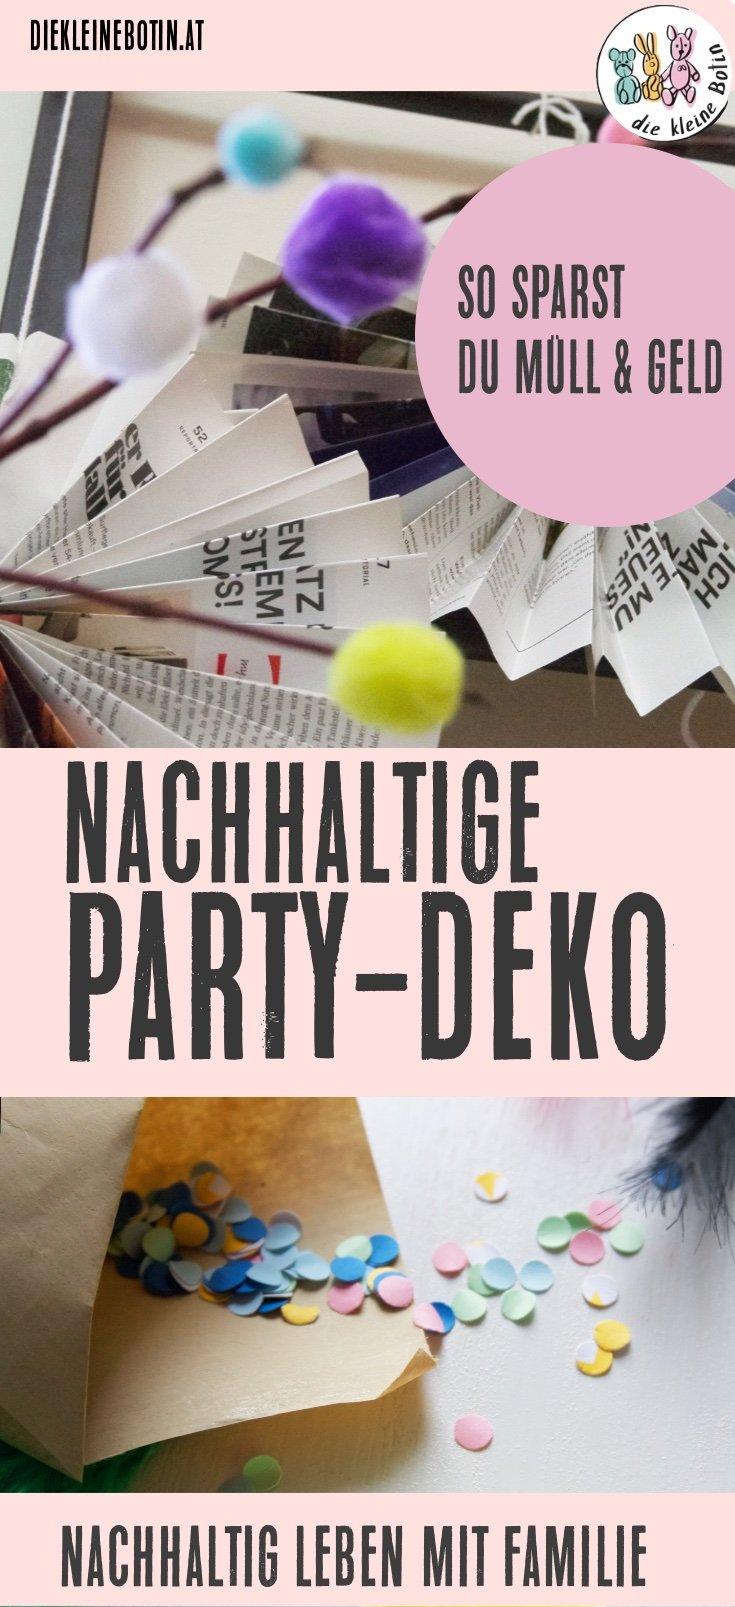 nachhaltige deko party pinterest